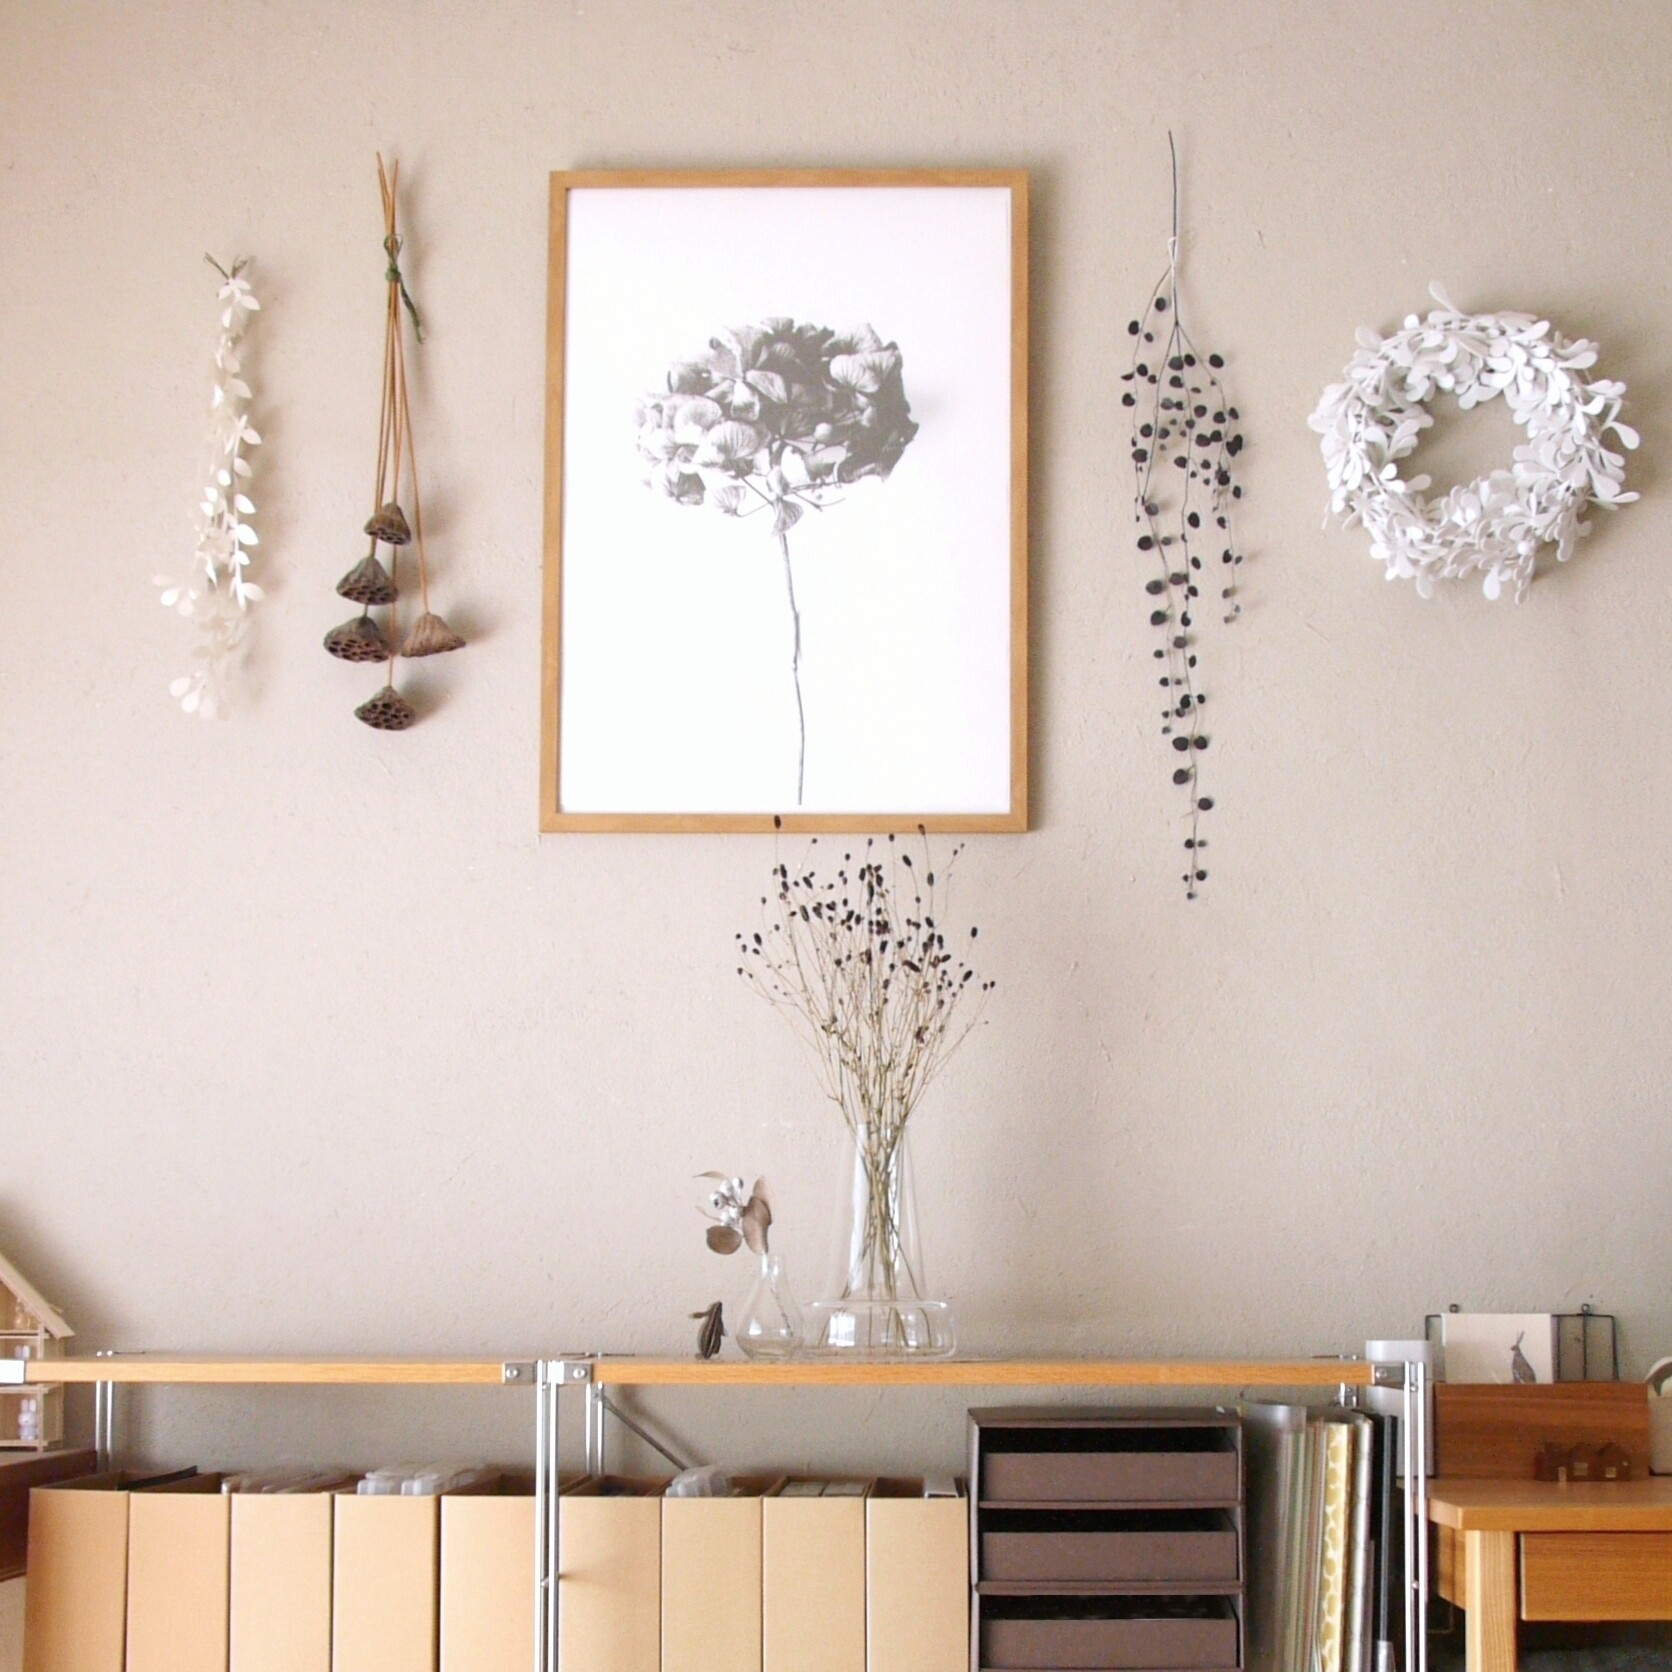 北欧インテリア雑貨セール情報 誰でも簡単に バランス良く飾れる花瓶 Usagi Works Powered By ライブドアブログ